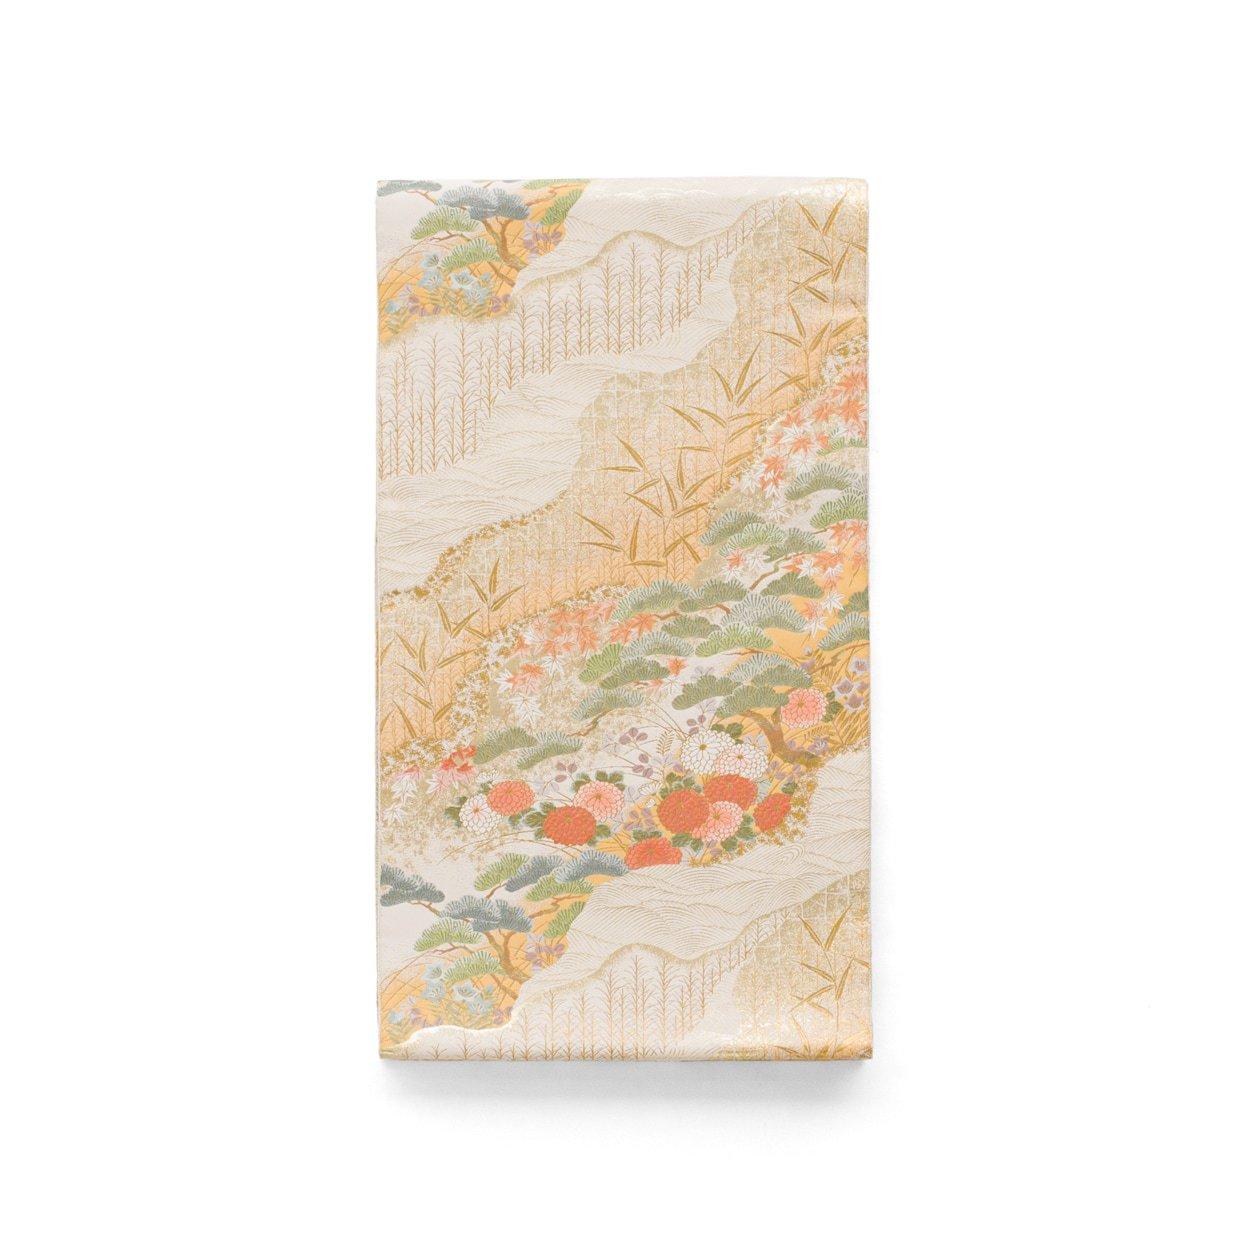 「袋帯●道長取りに松 菊 紅葉など」の商品画像